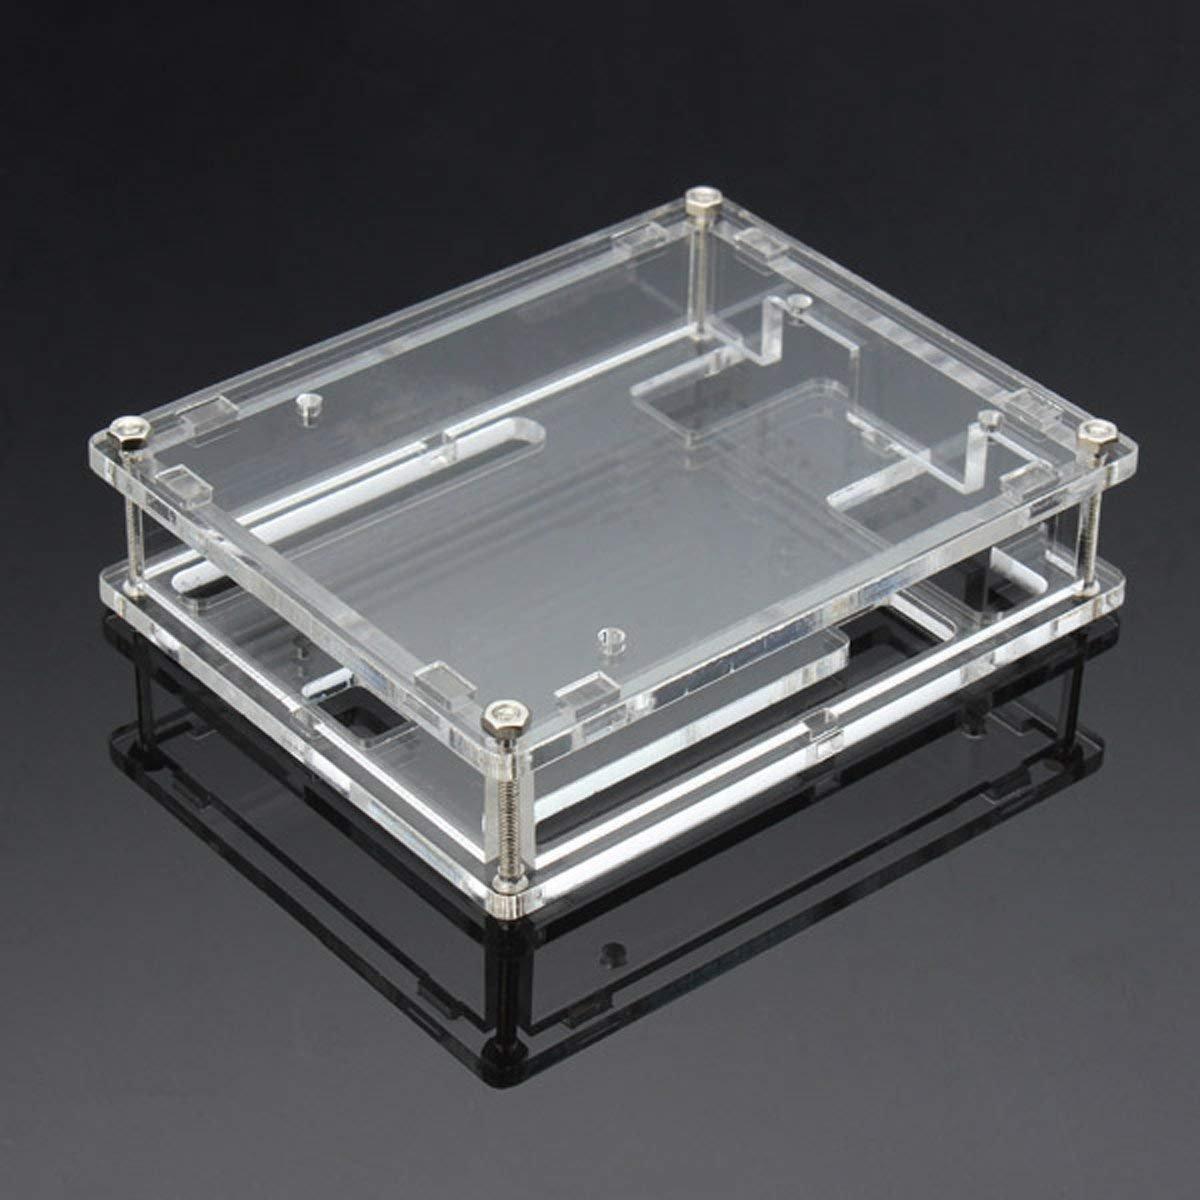 DollaTek Caja de Caja Uno R3 Nueva Caja de computadora acrílica Brillante Transparente Compatible con Arduino UNO R3: Amazon.es: Electrónica